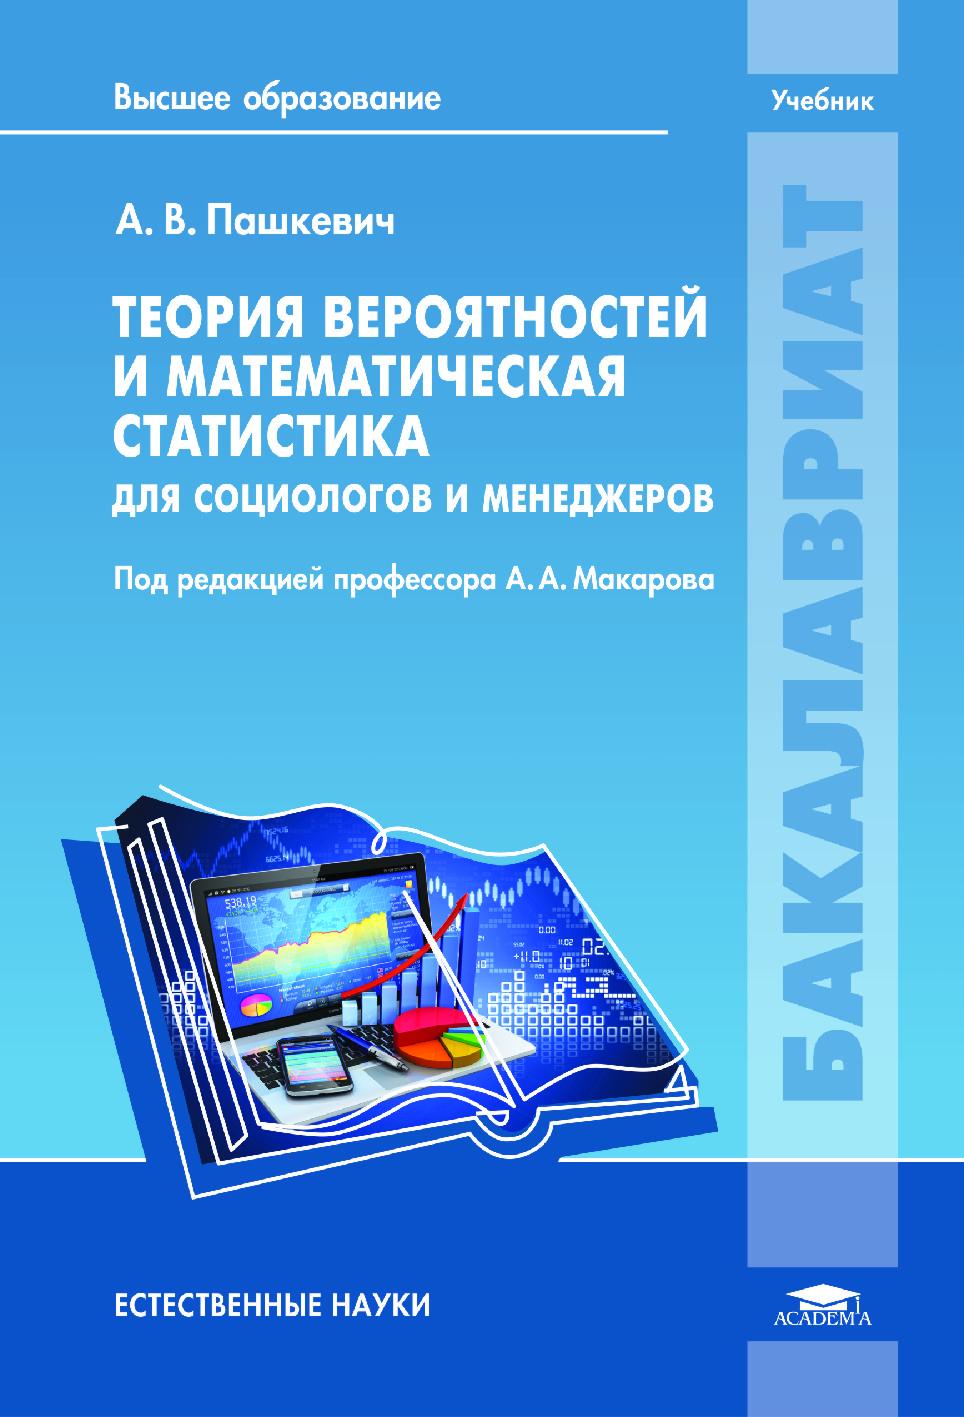 Теория вероятностей и математическая статистика для социологов и менеджеров : учебник для студентов учреждений высш. образования